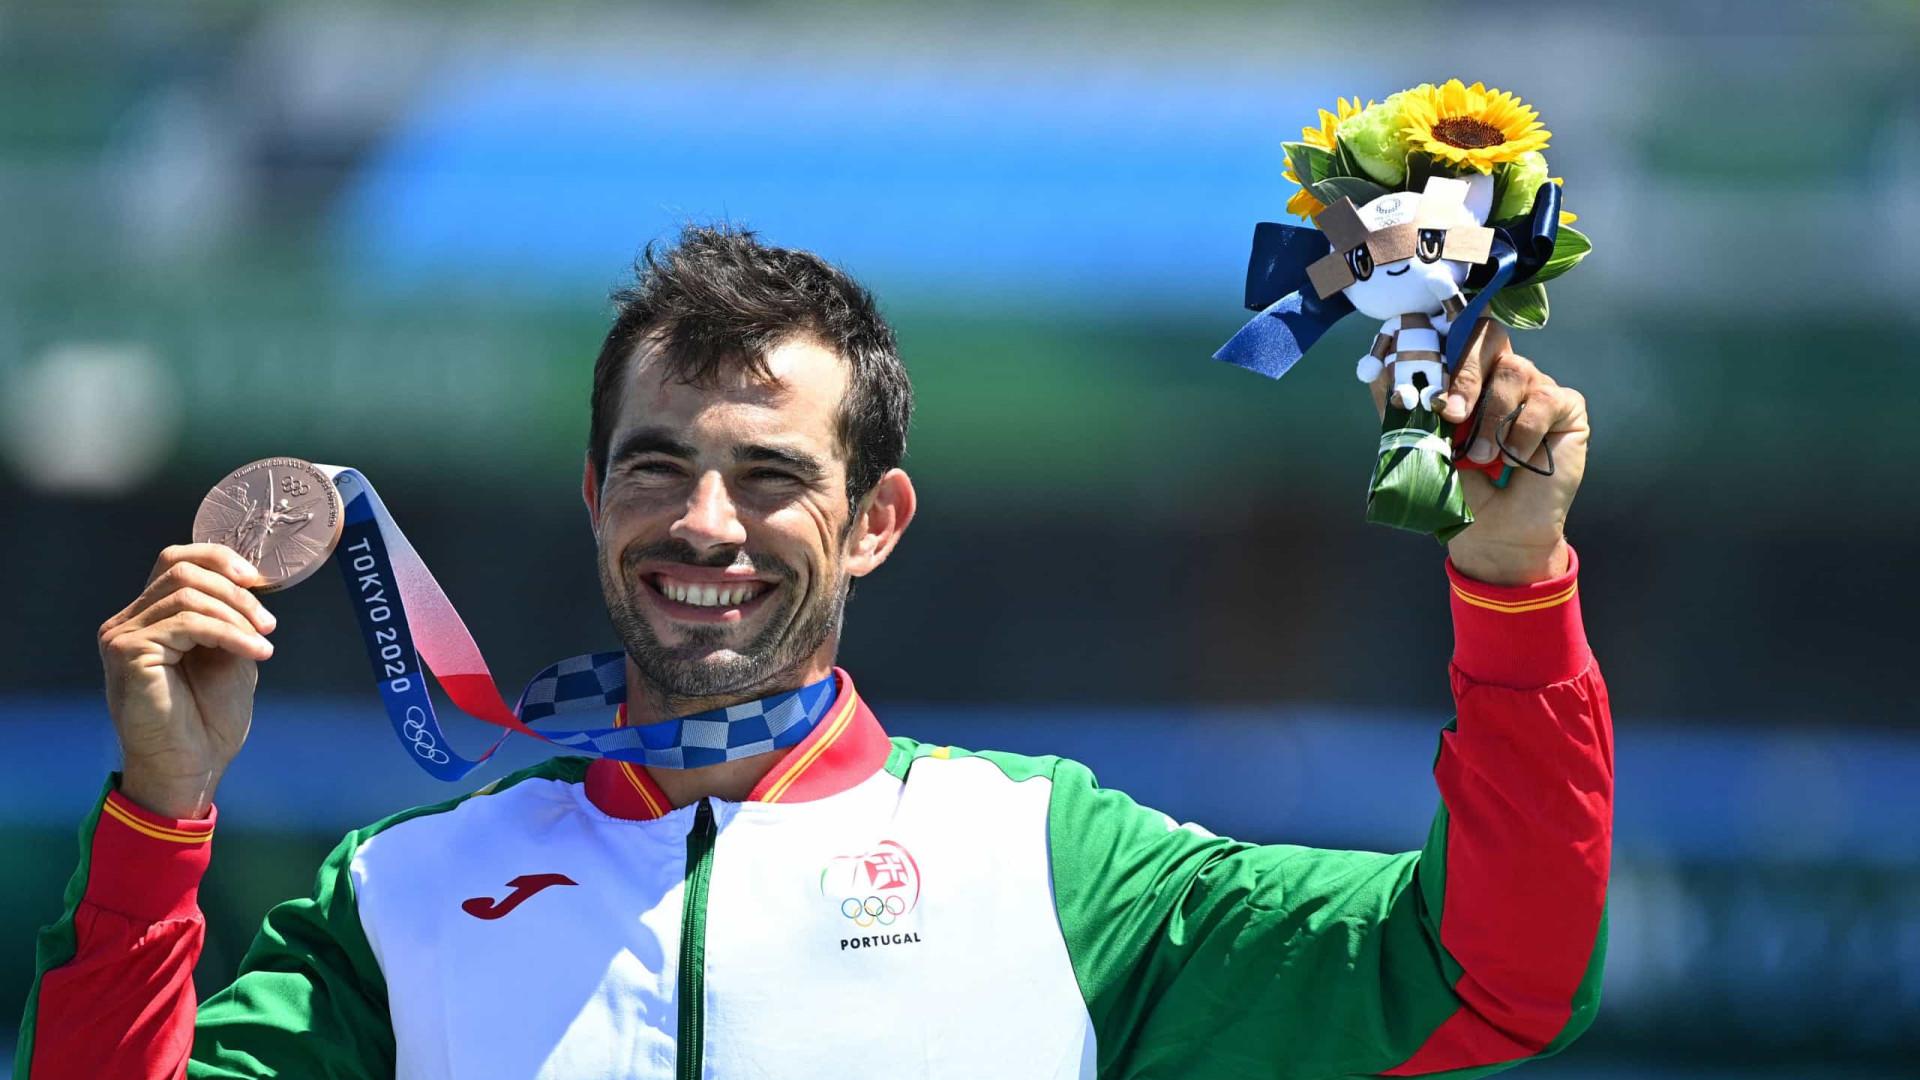 Fernando Pimenta conquista medalha olímpica de bronze em K1 1.000